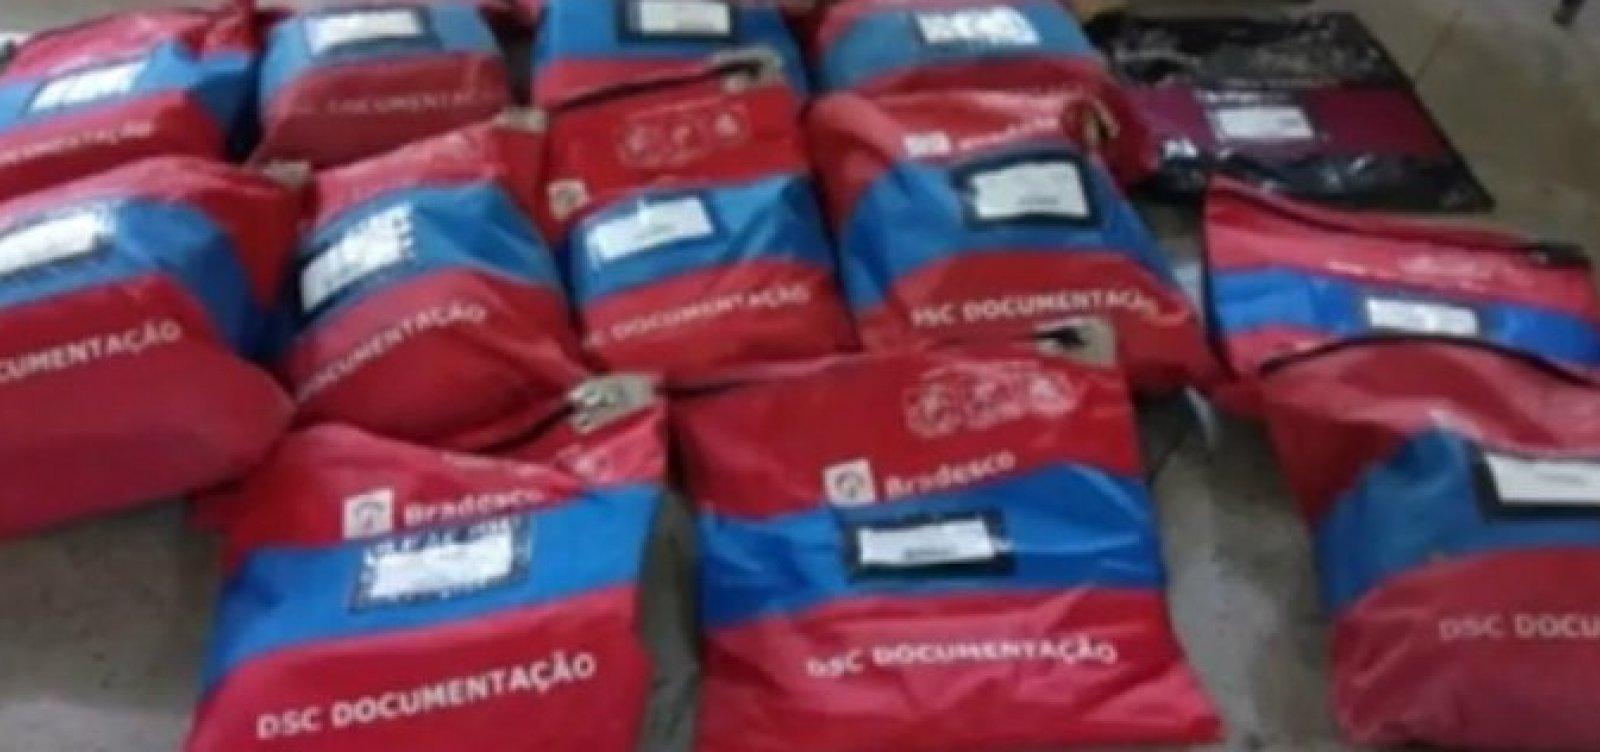 Vinte malotes com documentos do Bradesco são encontrados em Feira de Santana